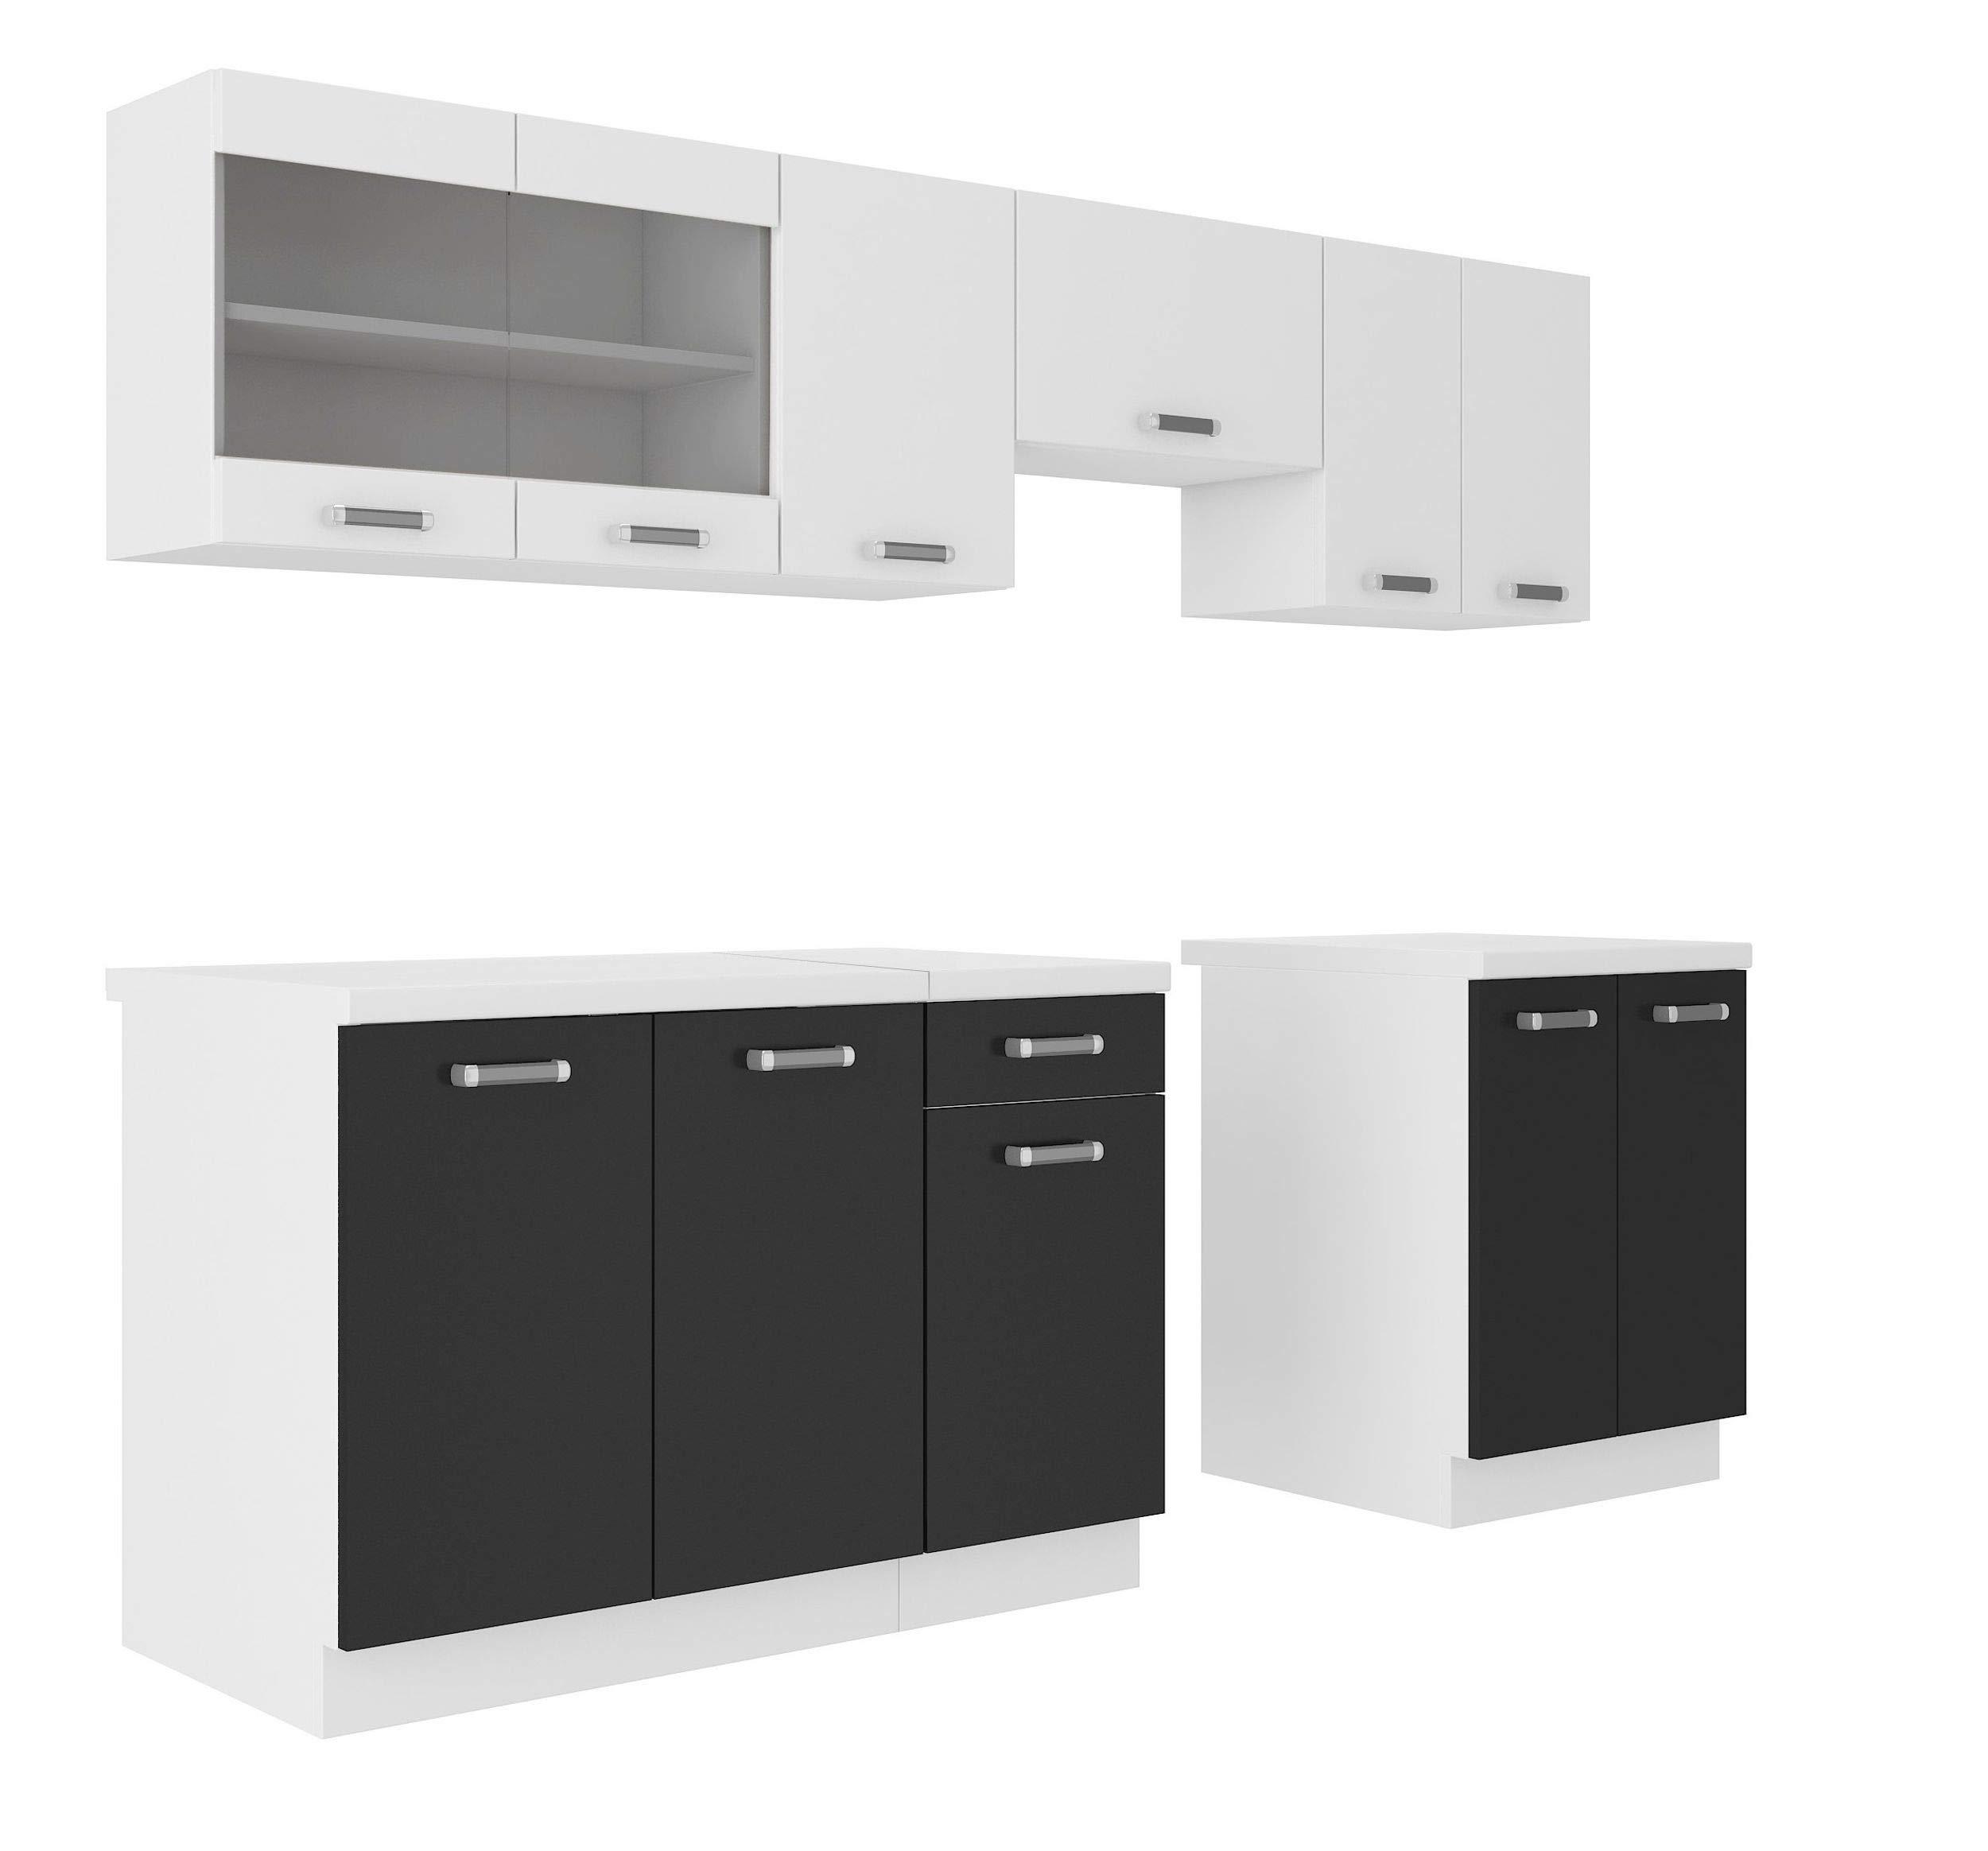 Küche Omega 15 cm Küchenzeile Küchenblock variabel stellbar in Schwarz  Weiss